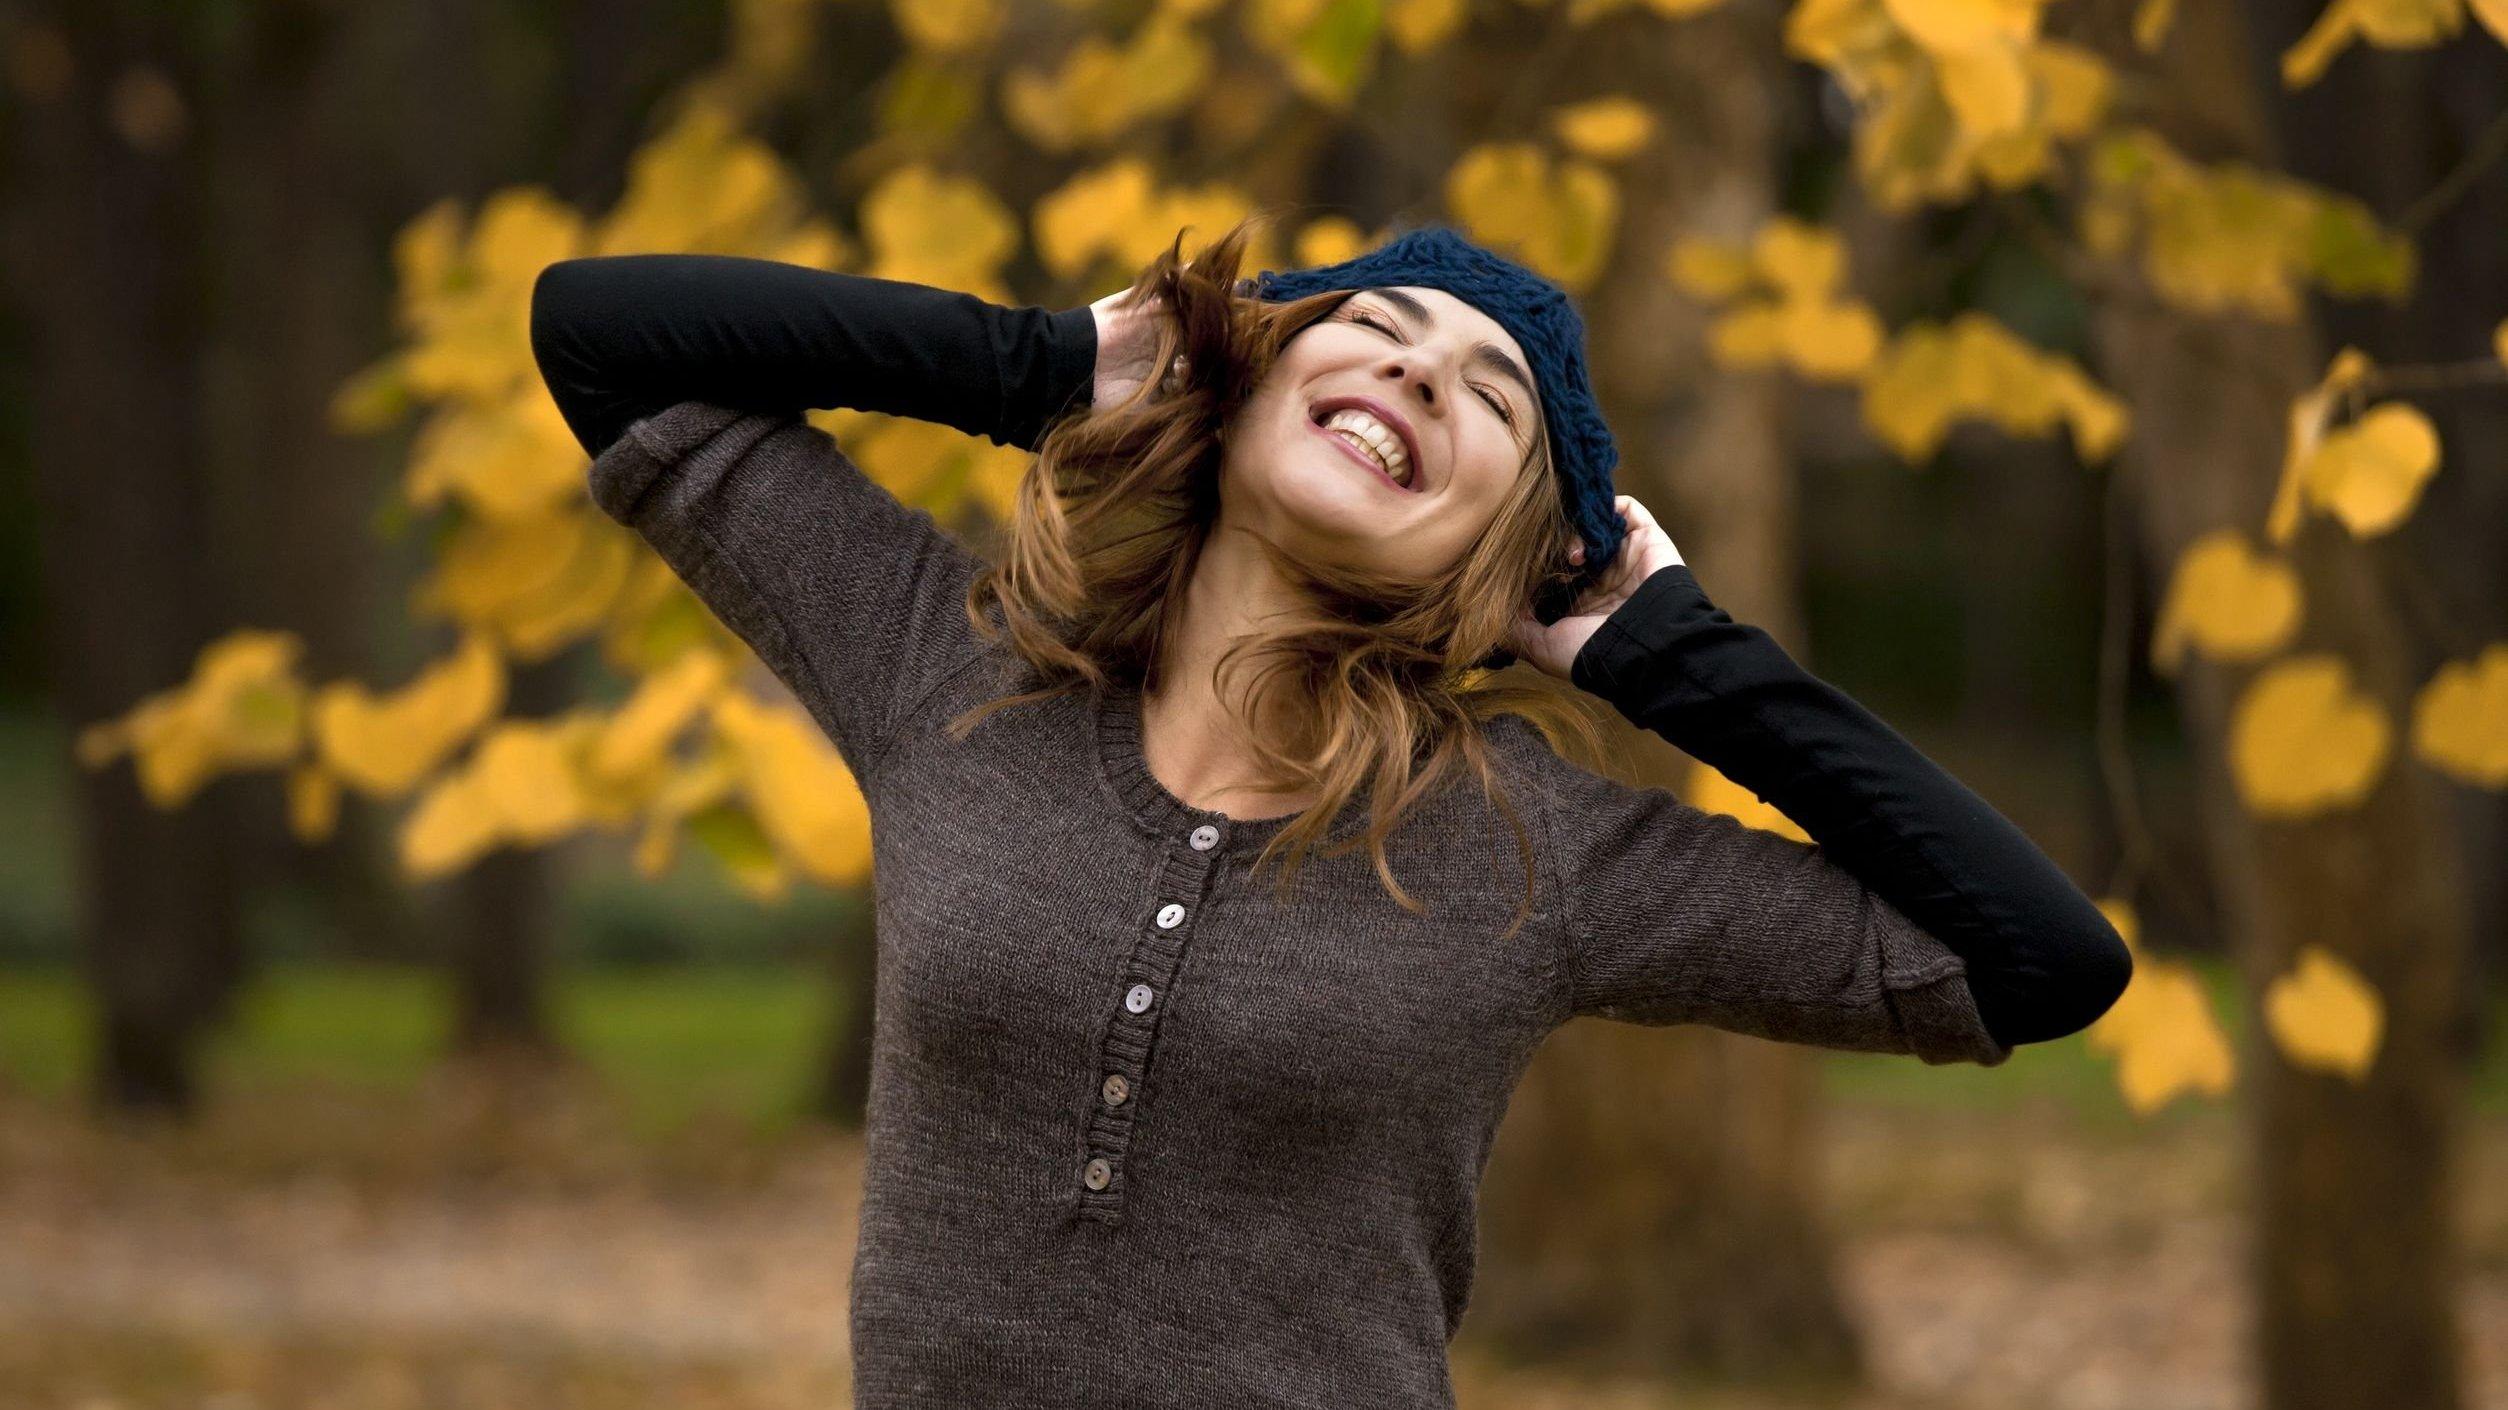 Mulher sorrindo em um jardim de olhos fechados